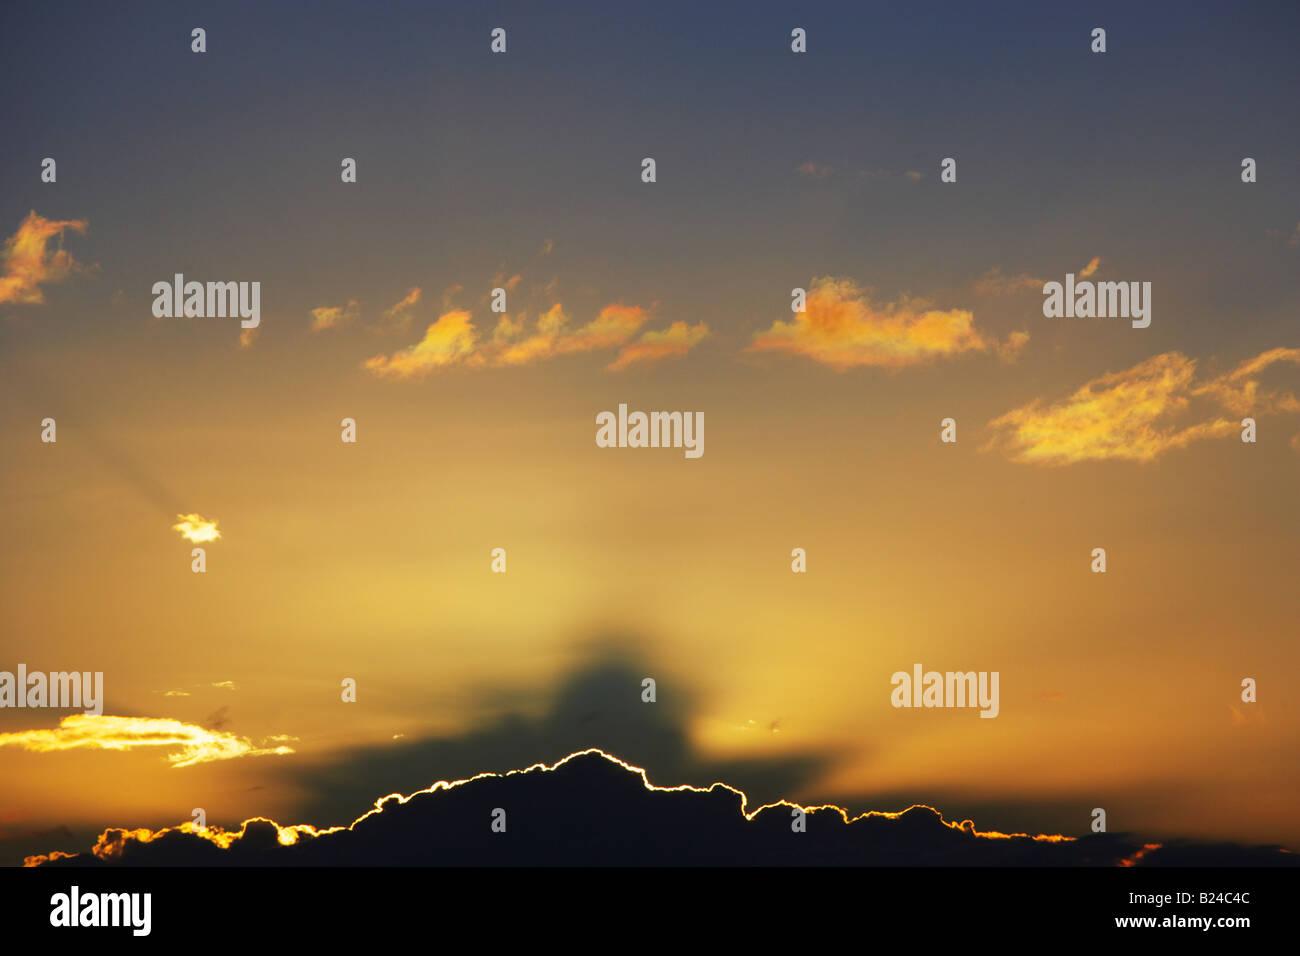 Sonnenuntergang hinter großen Wolke verursacht Silberstreifen am Horizont und dramatischer Himmel Sydney Australia Stockbild